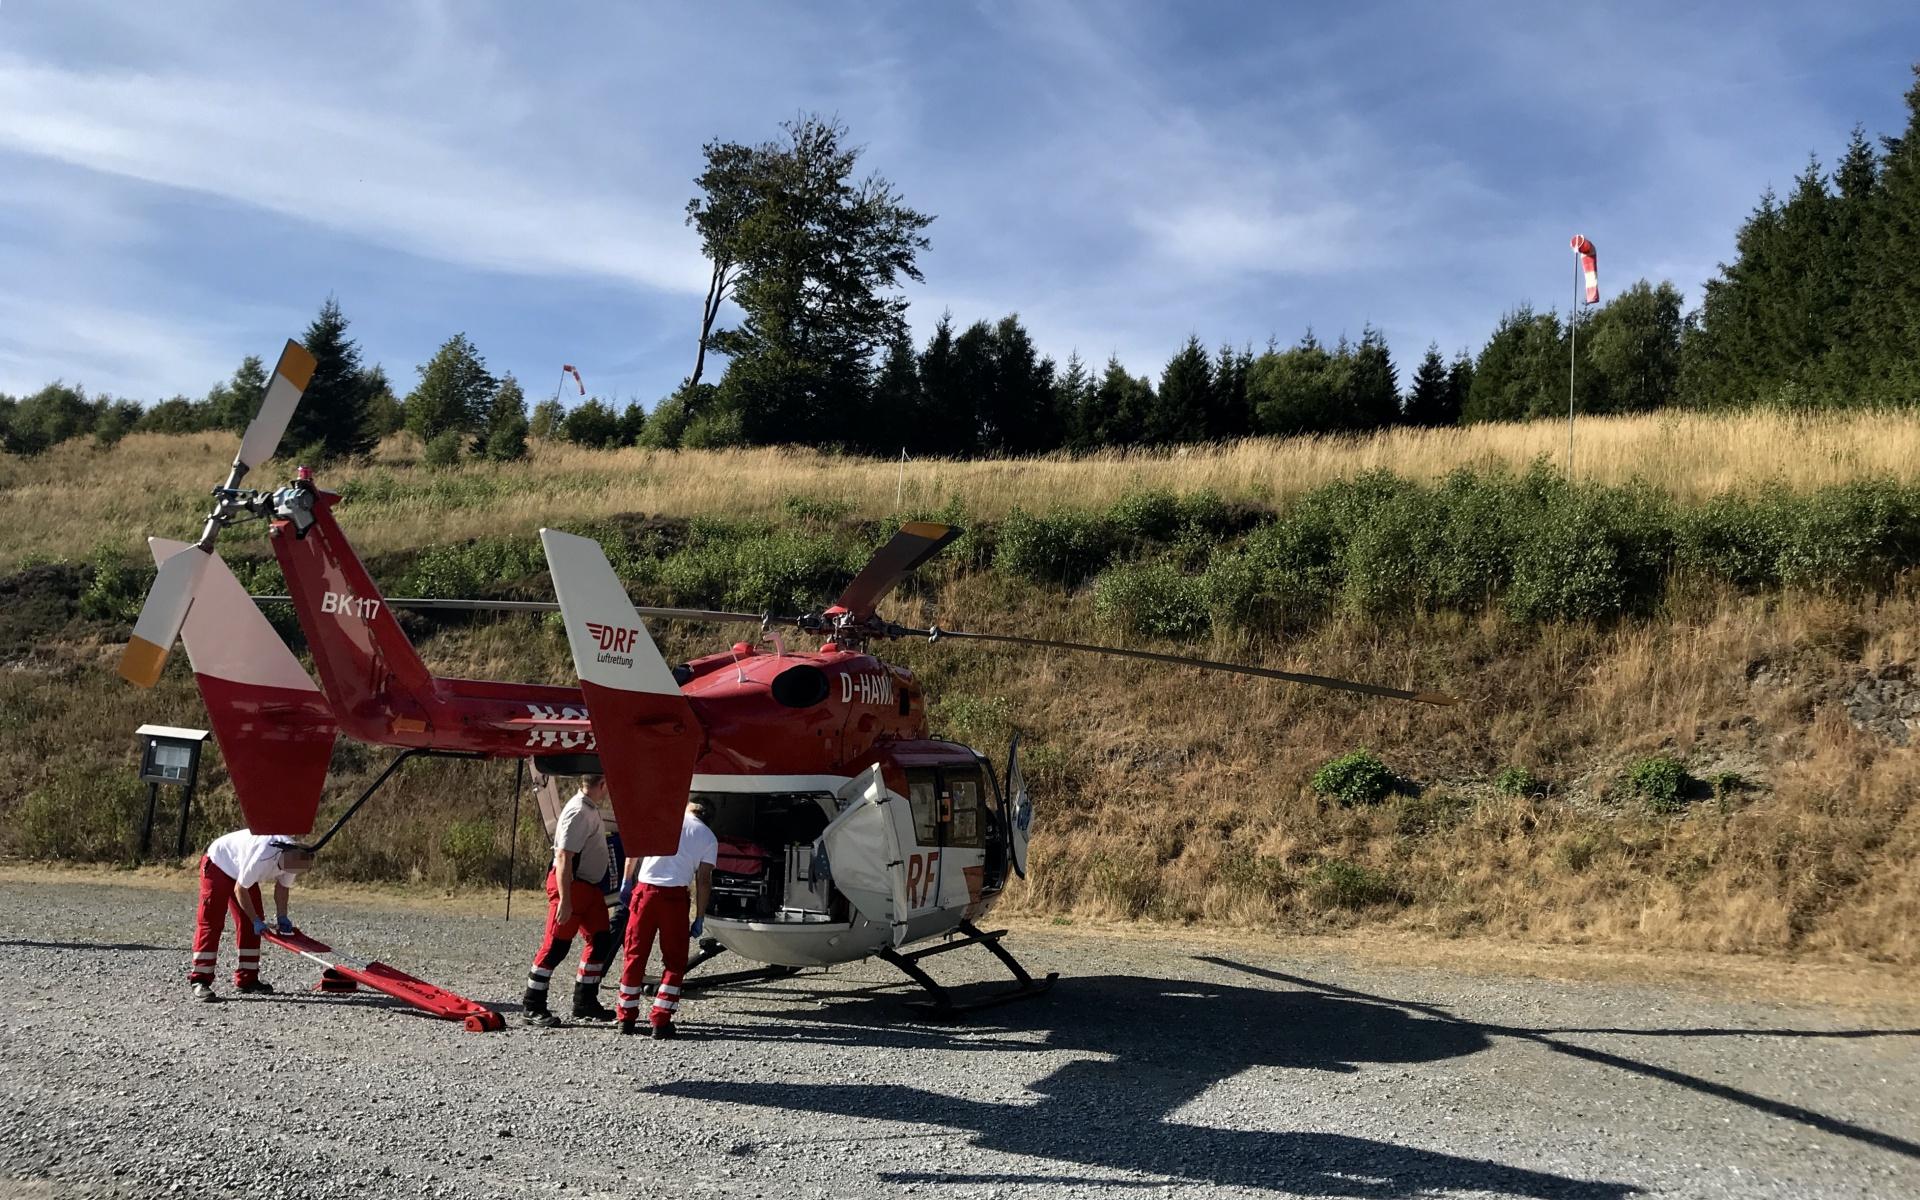 Die Luftretter konnten ganz in der Nähe der Unfallstelle landen und flogen nach der notzärztlichen Versorgung einen der beiden Männer in eine Klinik.